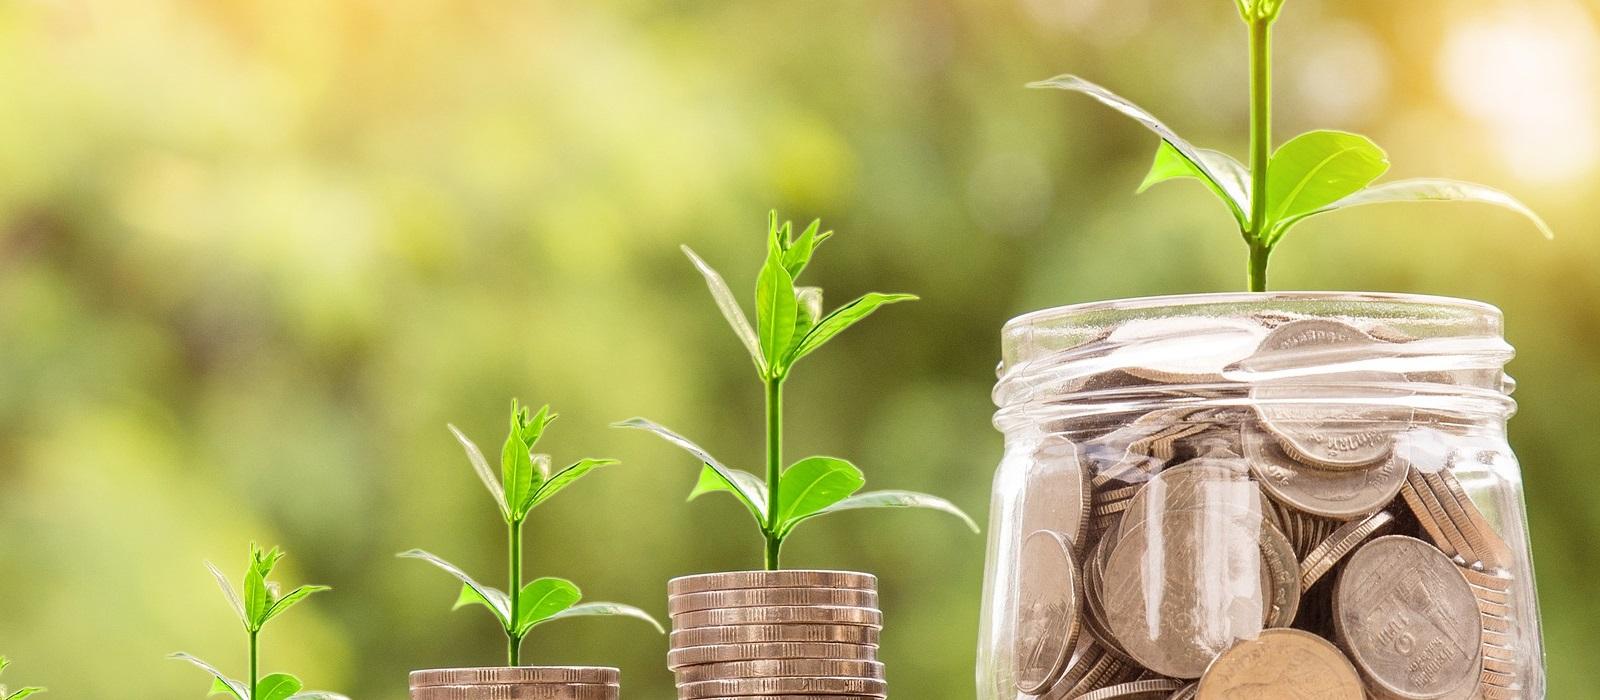 Fiyat & Maliyet - Piyasa Analizi